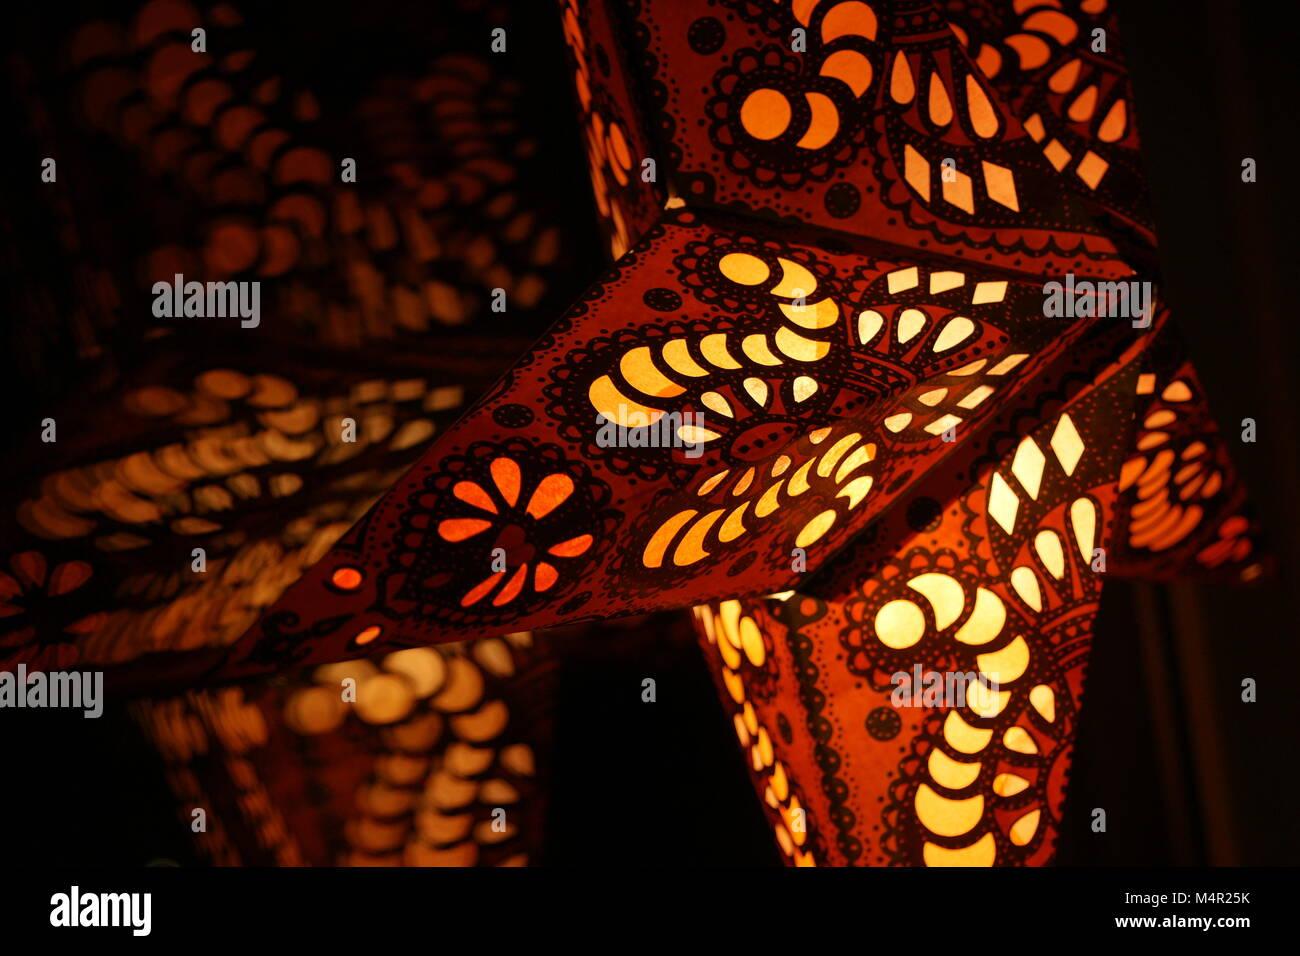 Stella Di Natale Luce.Stella Di Natale Luce Sospesa Lanterna Decorazione Foto Immagine